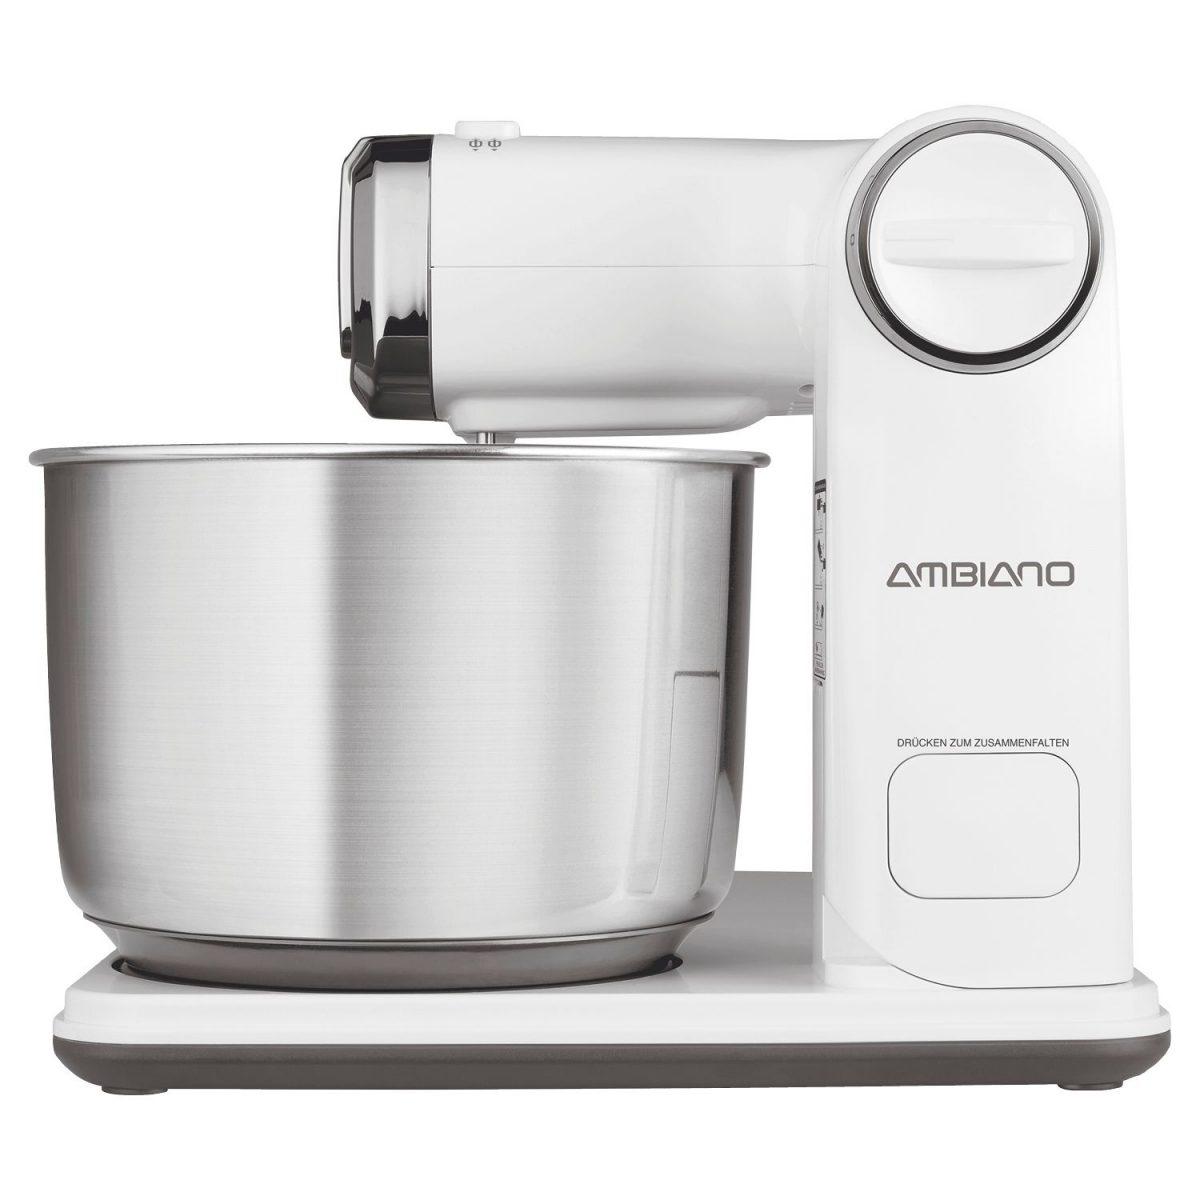 """Faltbare Küchenmaschine der Marke Ambiano von Aldi Süd in """"Weiß""""; Foto: Aldi Süd"""